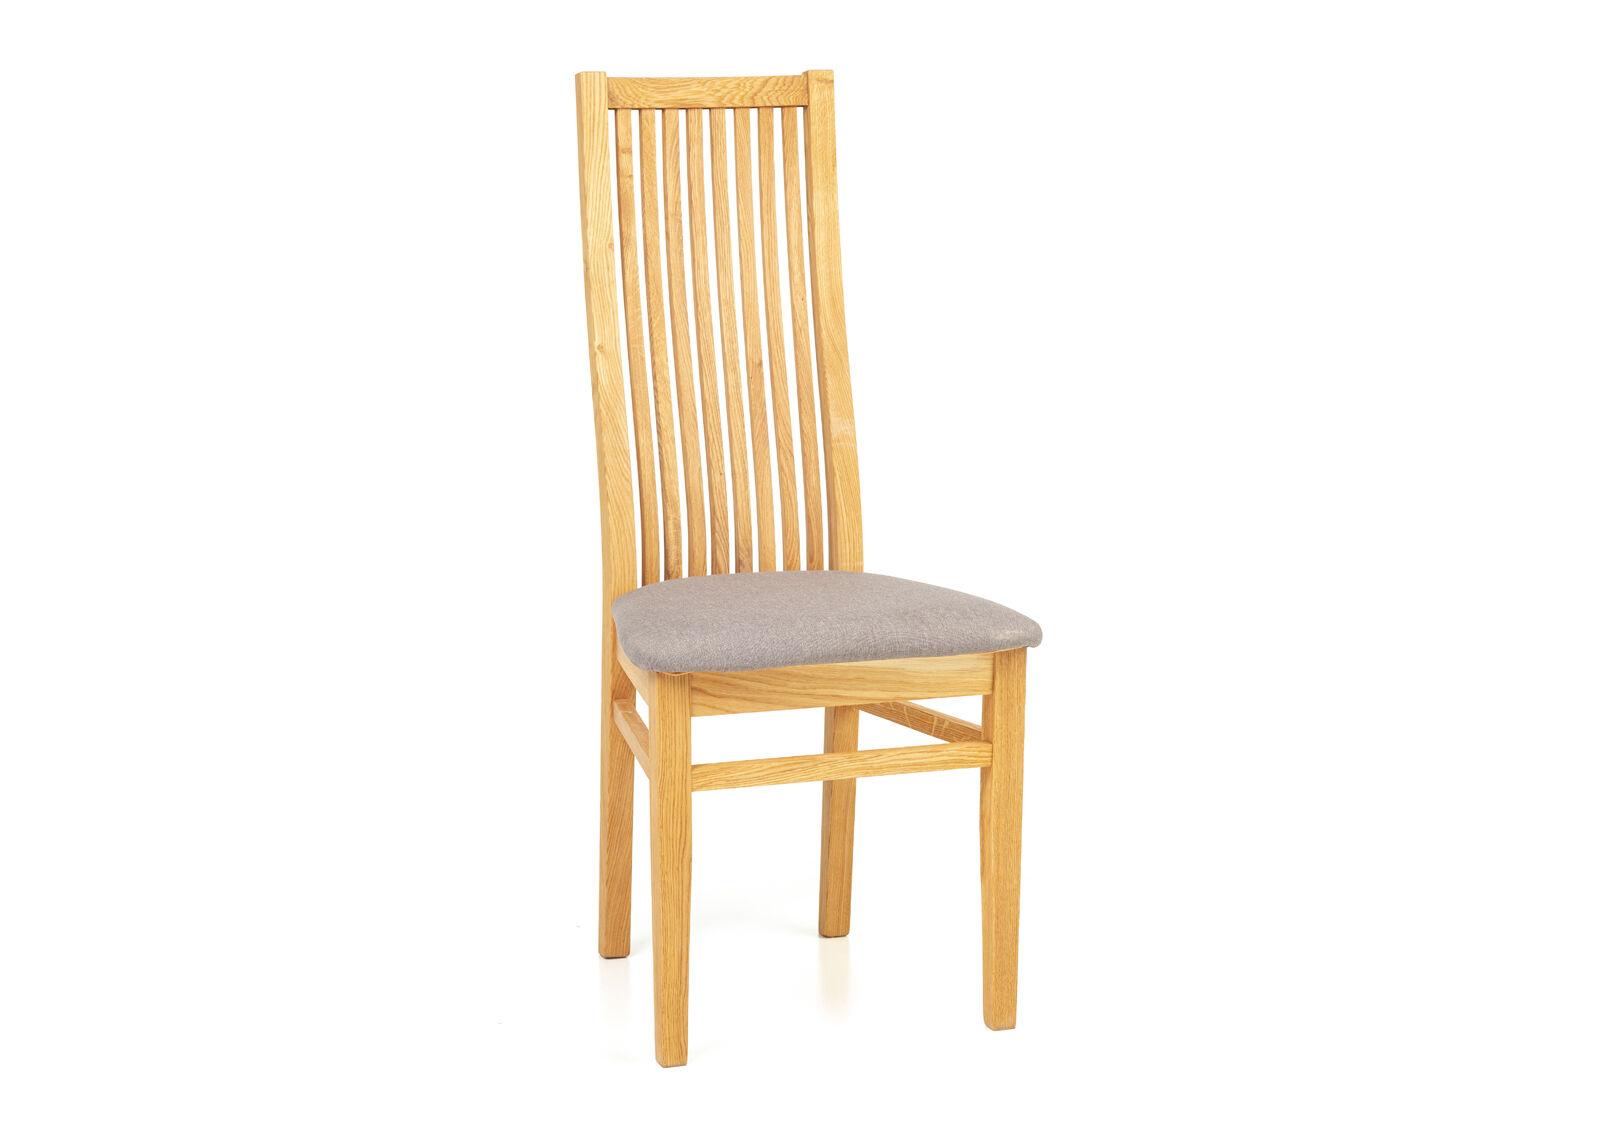 Lem Tammi ruokapöytä Len21 90x65 cm + 2 tuolia Sandra harmaa